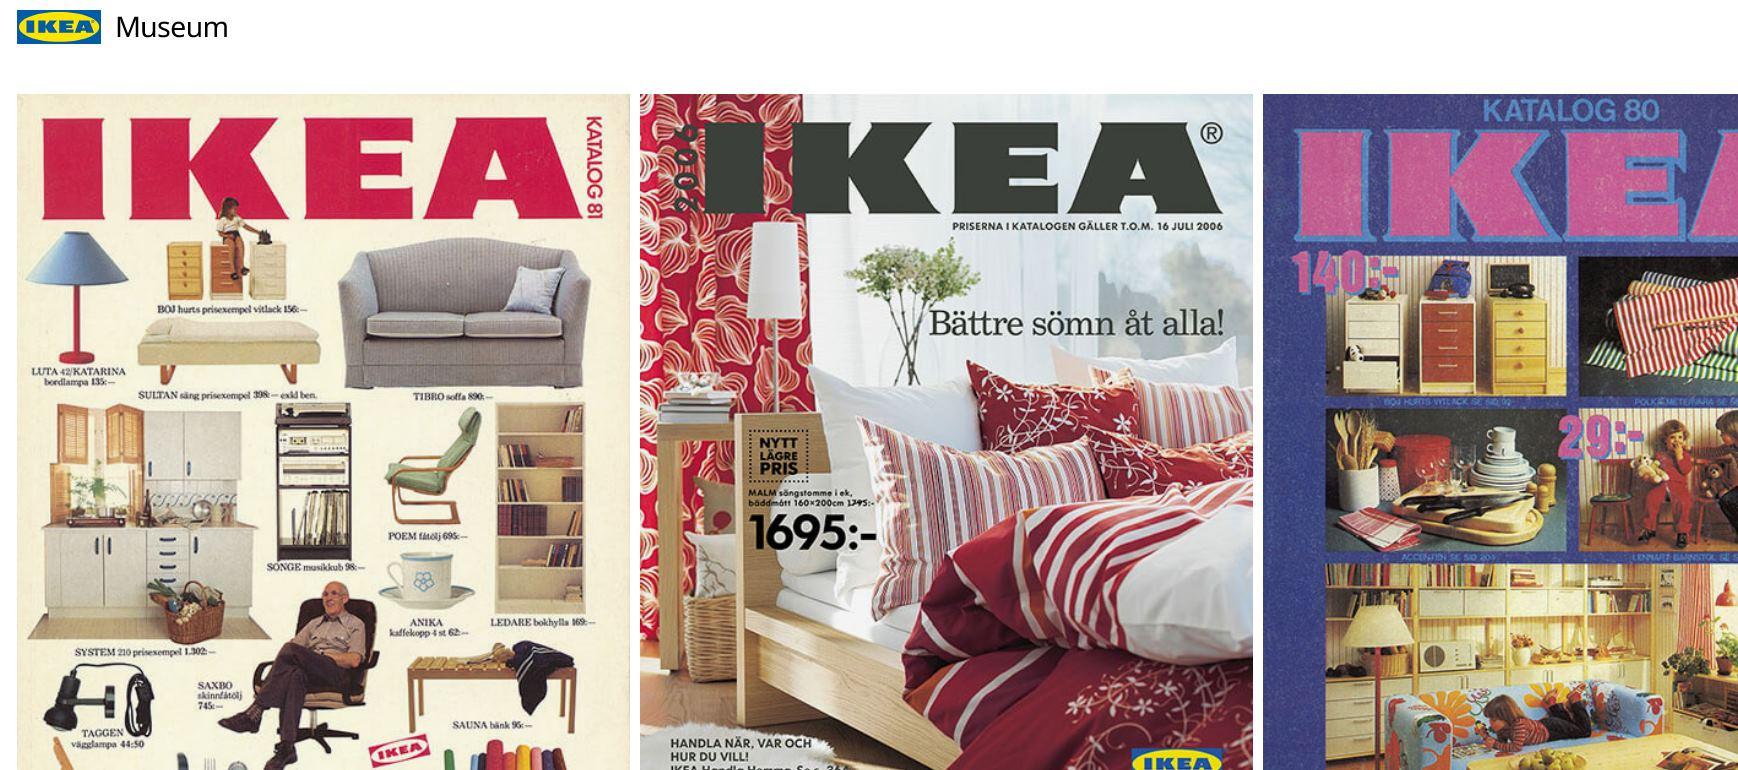 IKEA apuesta por lo digital: dejará de imprimir su catálogo después de 70 años haciéndolo